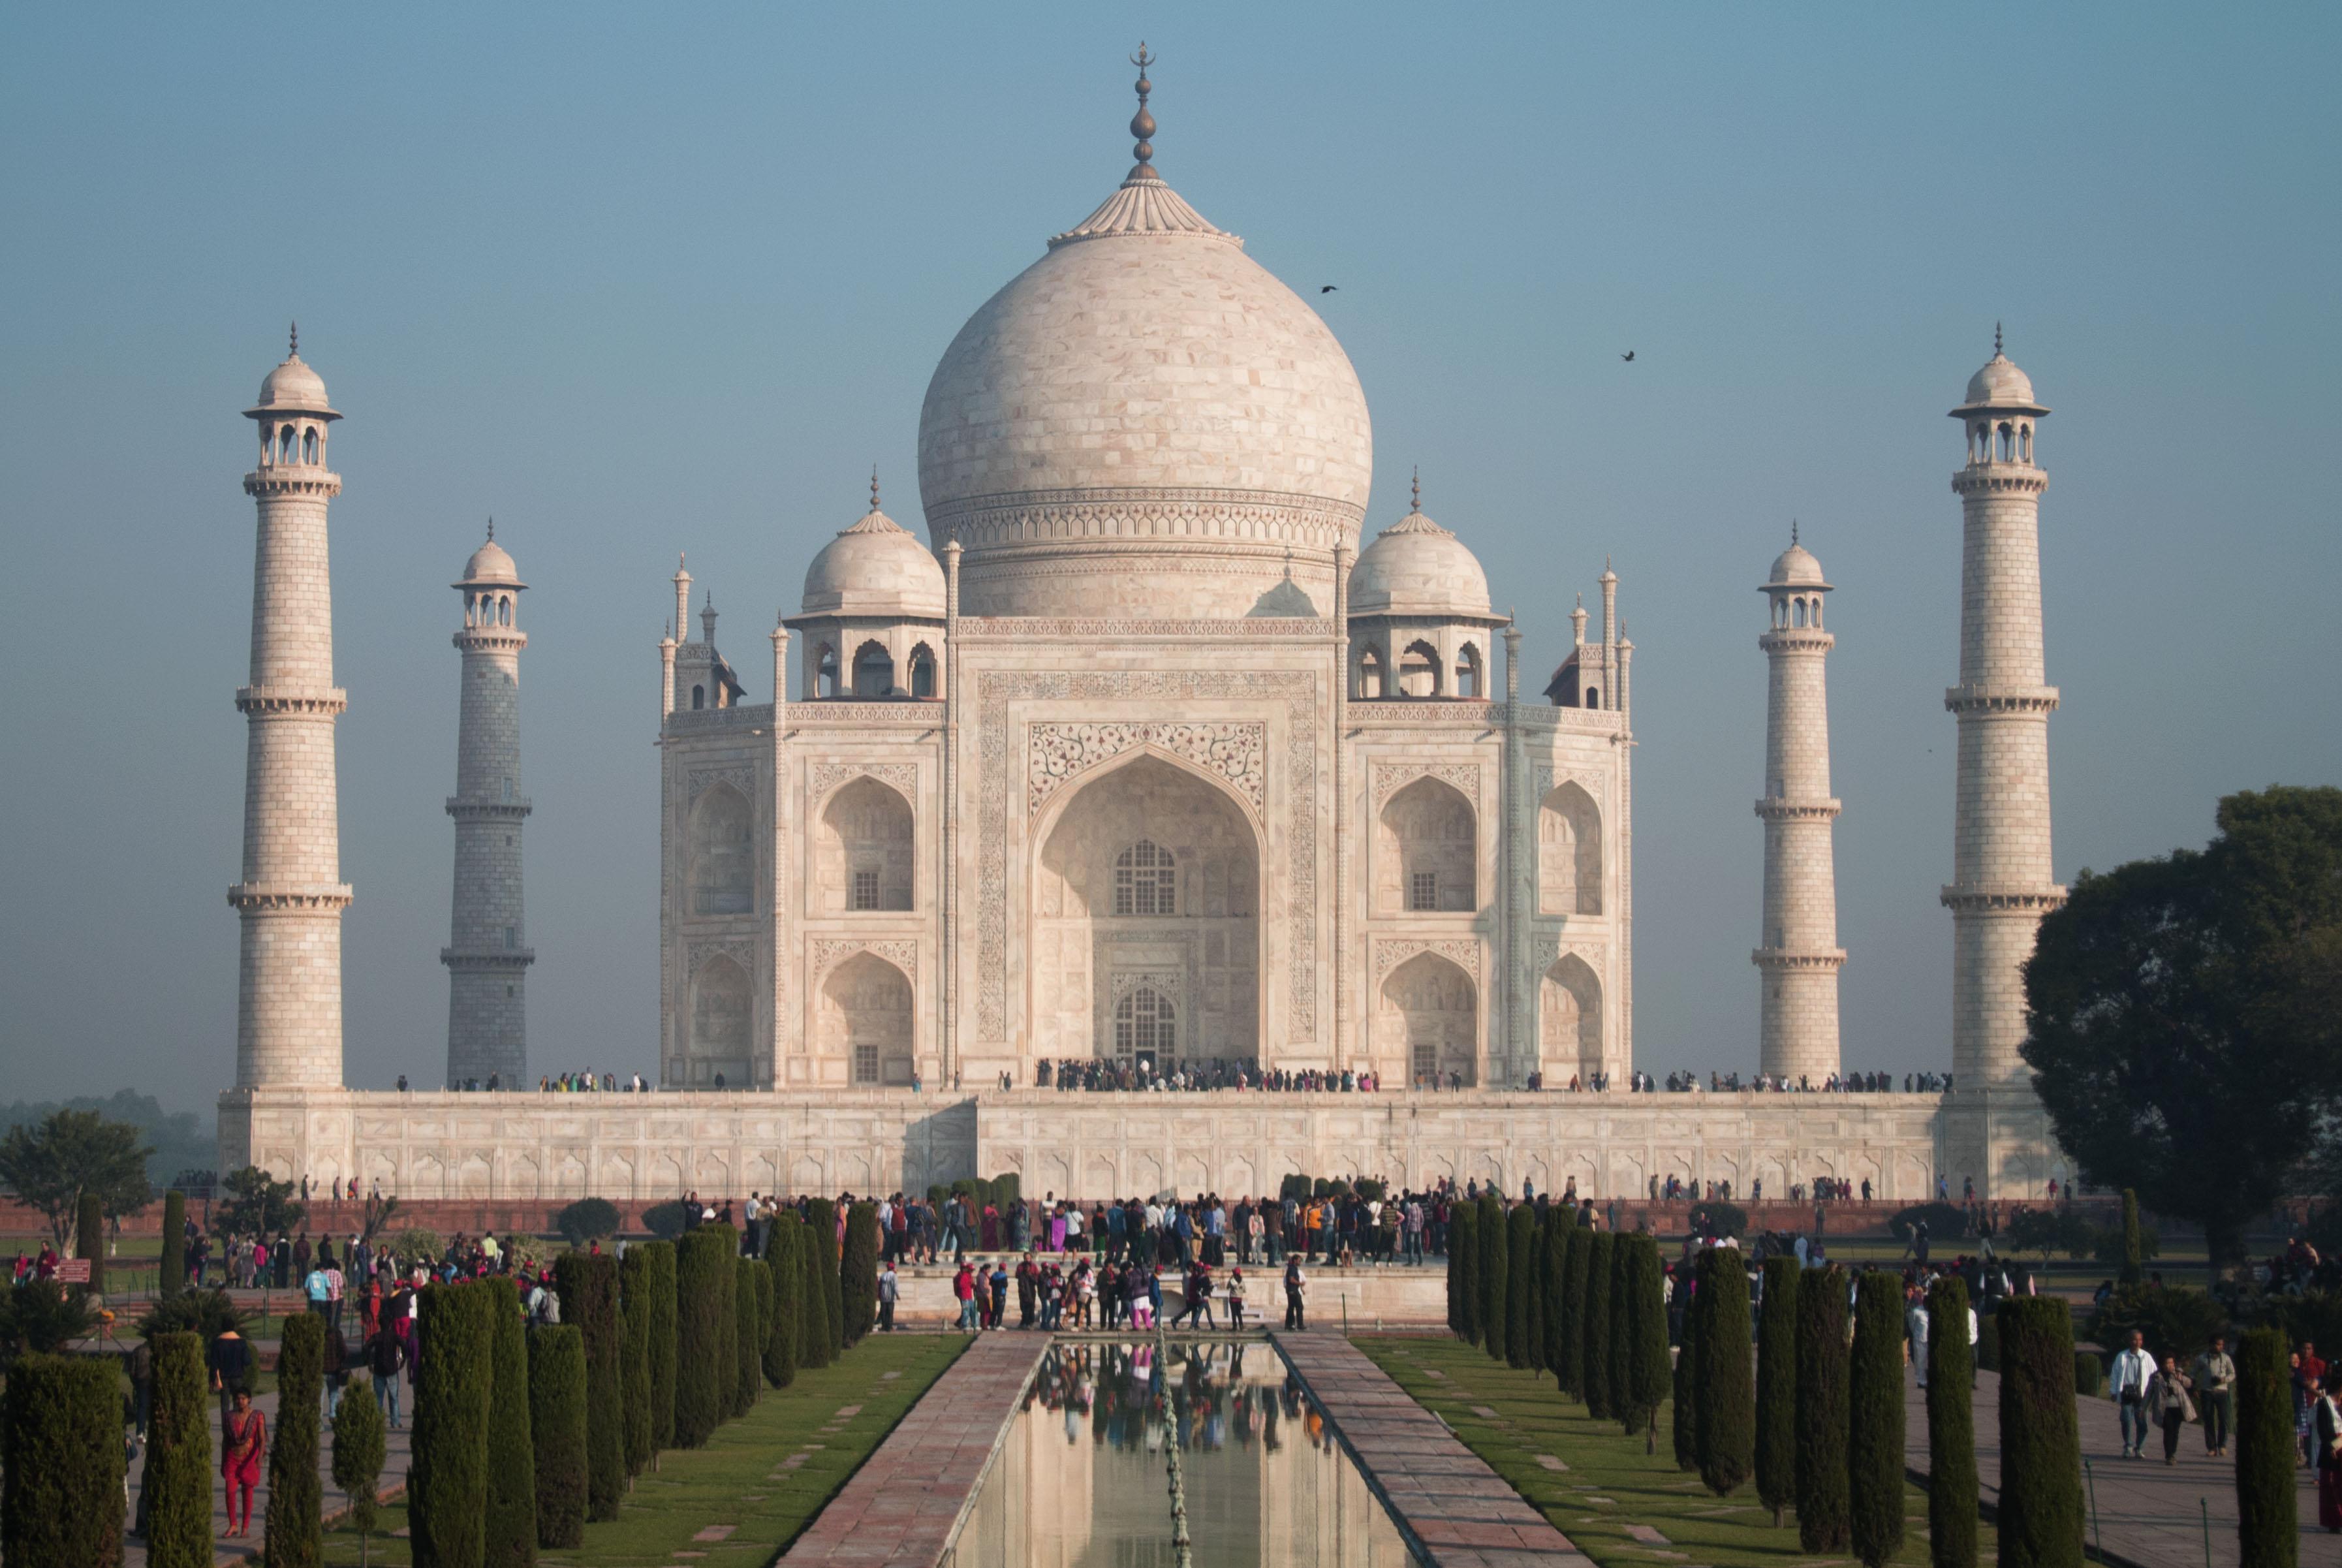 India and the Taj Mahal